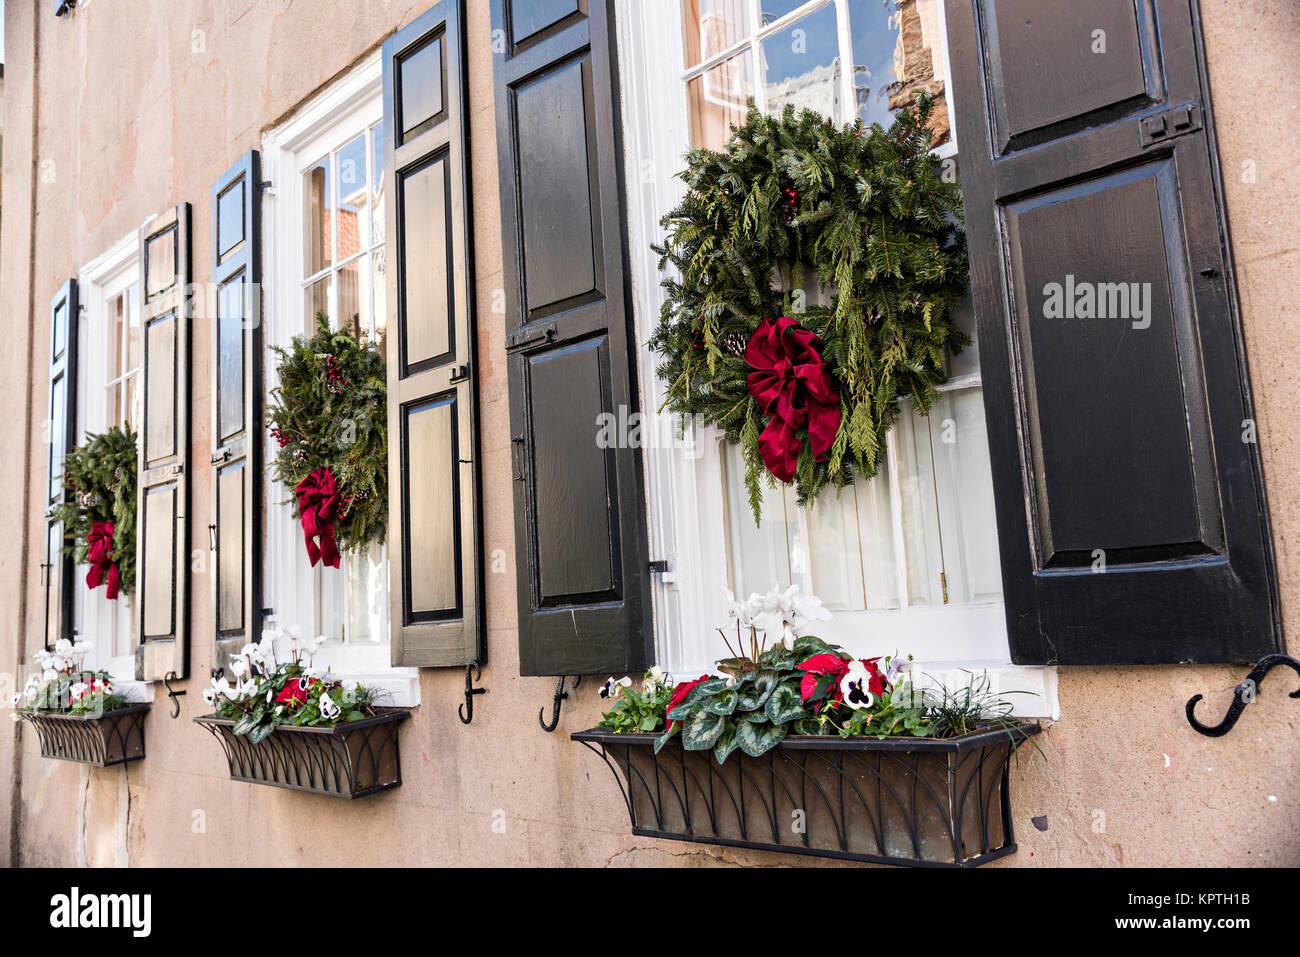 Las ventanas de una hist rica casa decorada con guirnaldas for Guirnaldas navidenas para puertas y ventanas